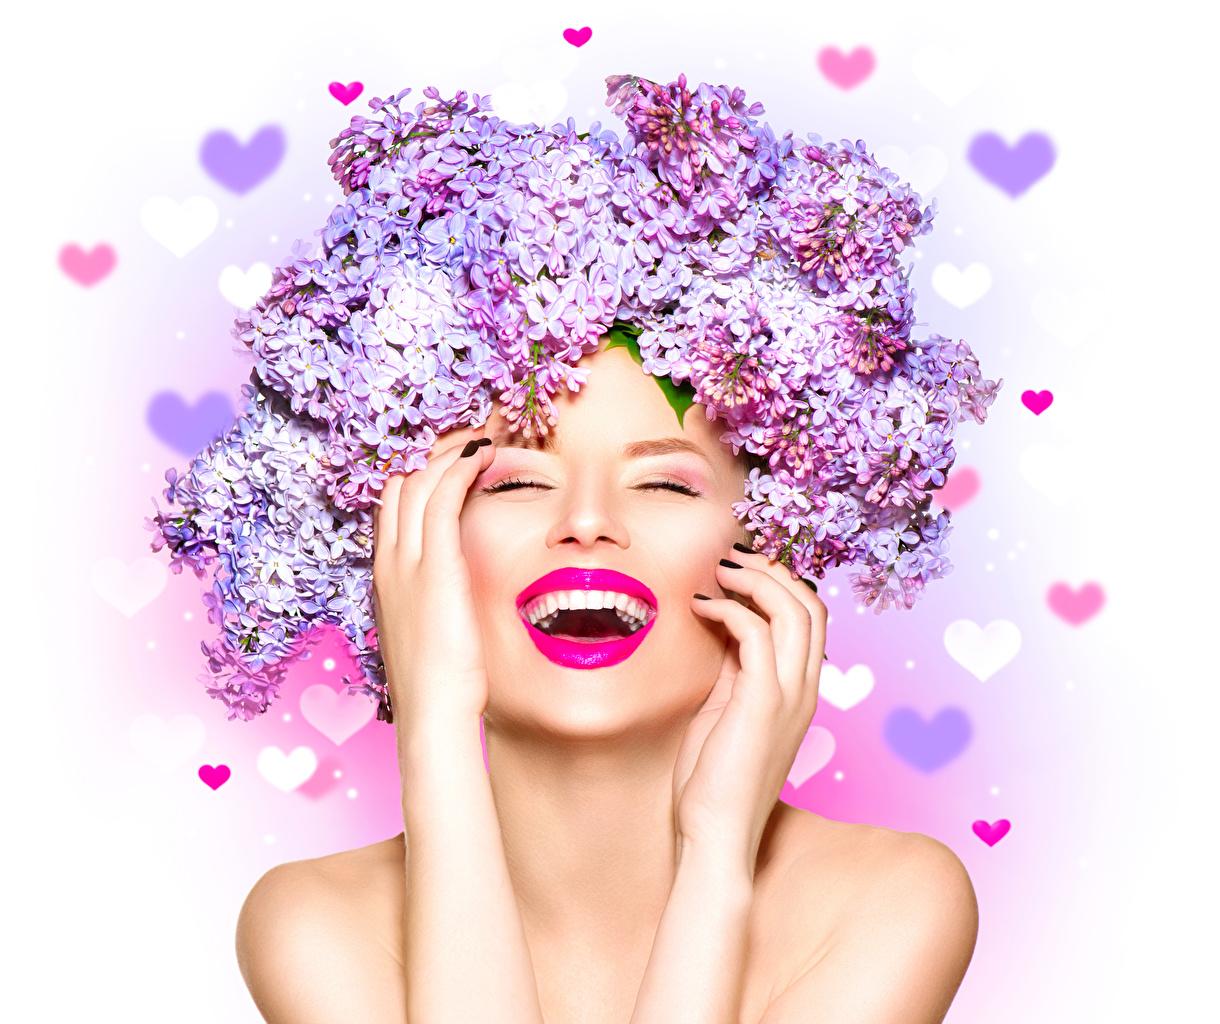 Обои для рабочего стола Радость лица Девушки Сирень рука белом фоне счастье радостный радостная счастливые счастливый счастливая Лицо девушка молодая женщина молодые женщины Руки Белый фон белым фоном